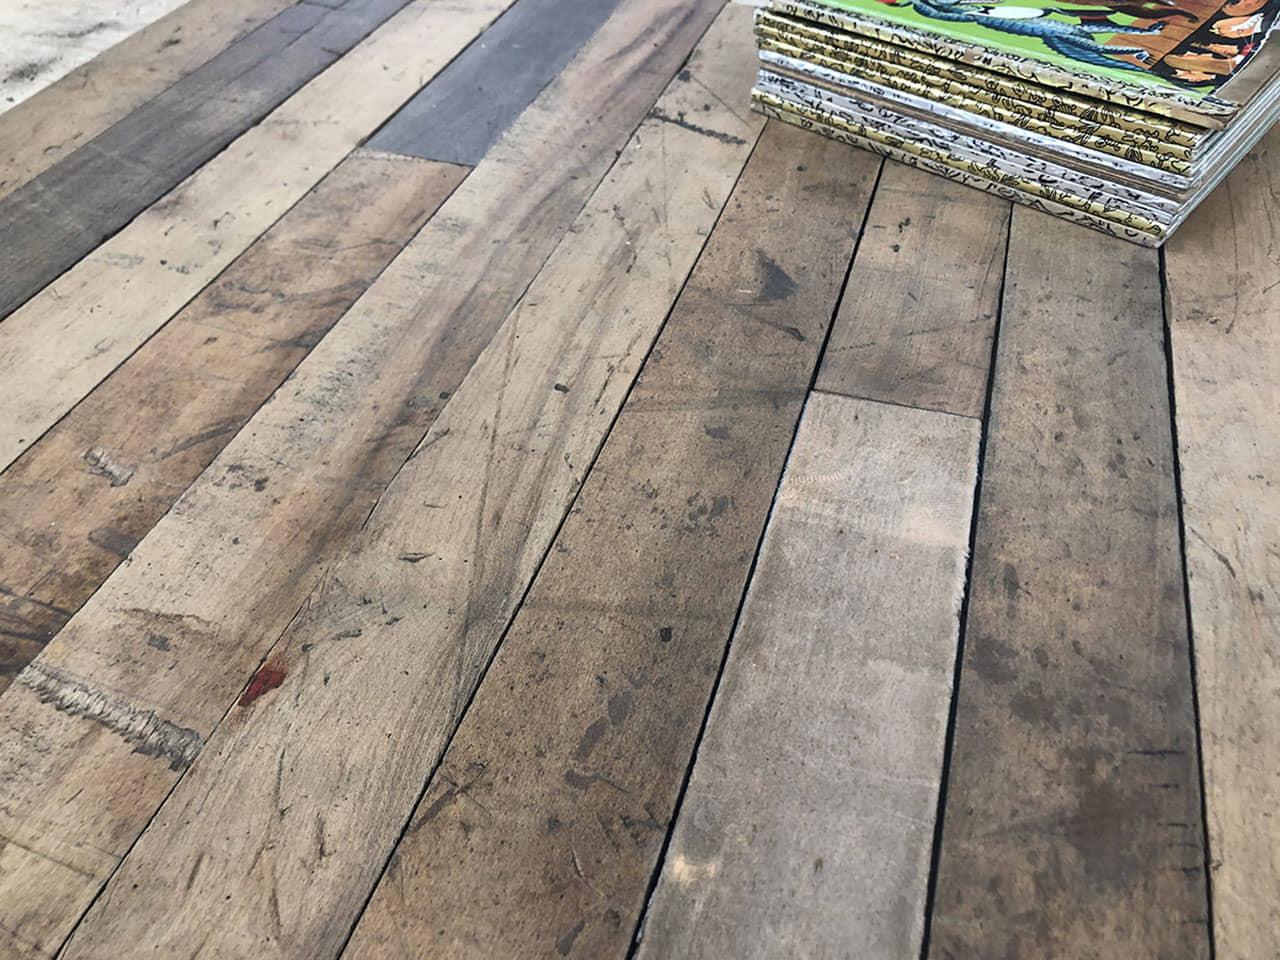 alt=pavimento verde de madera